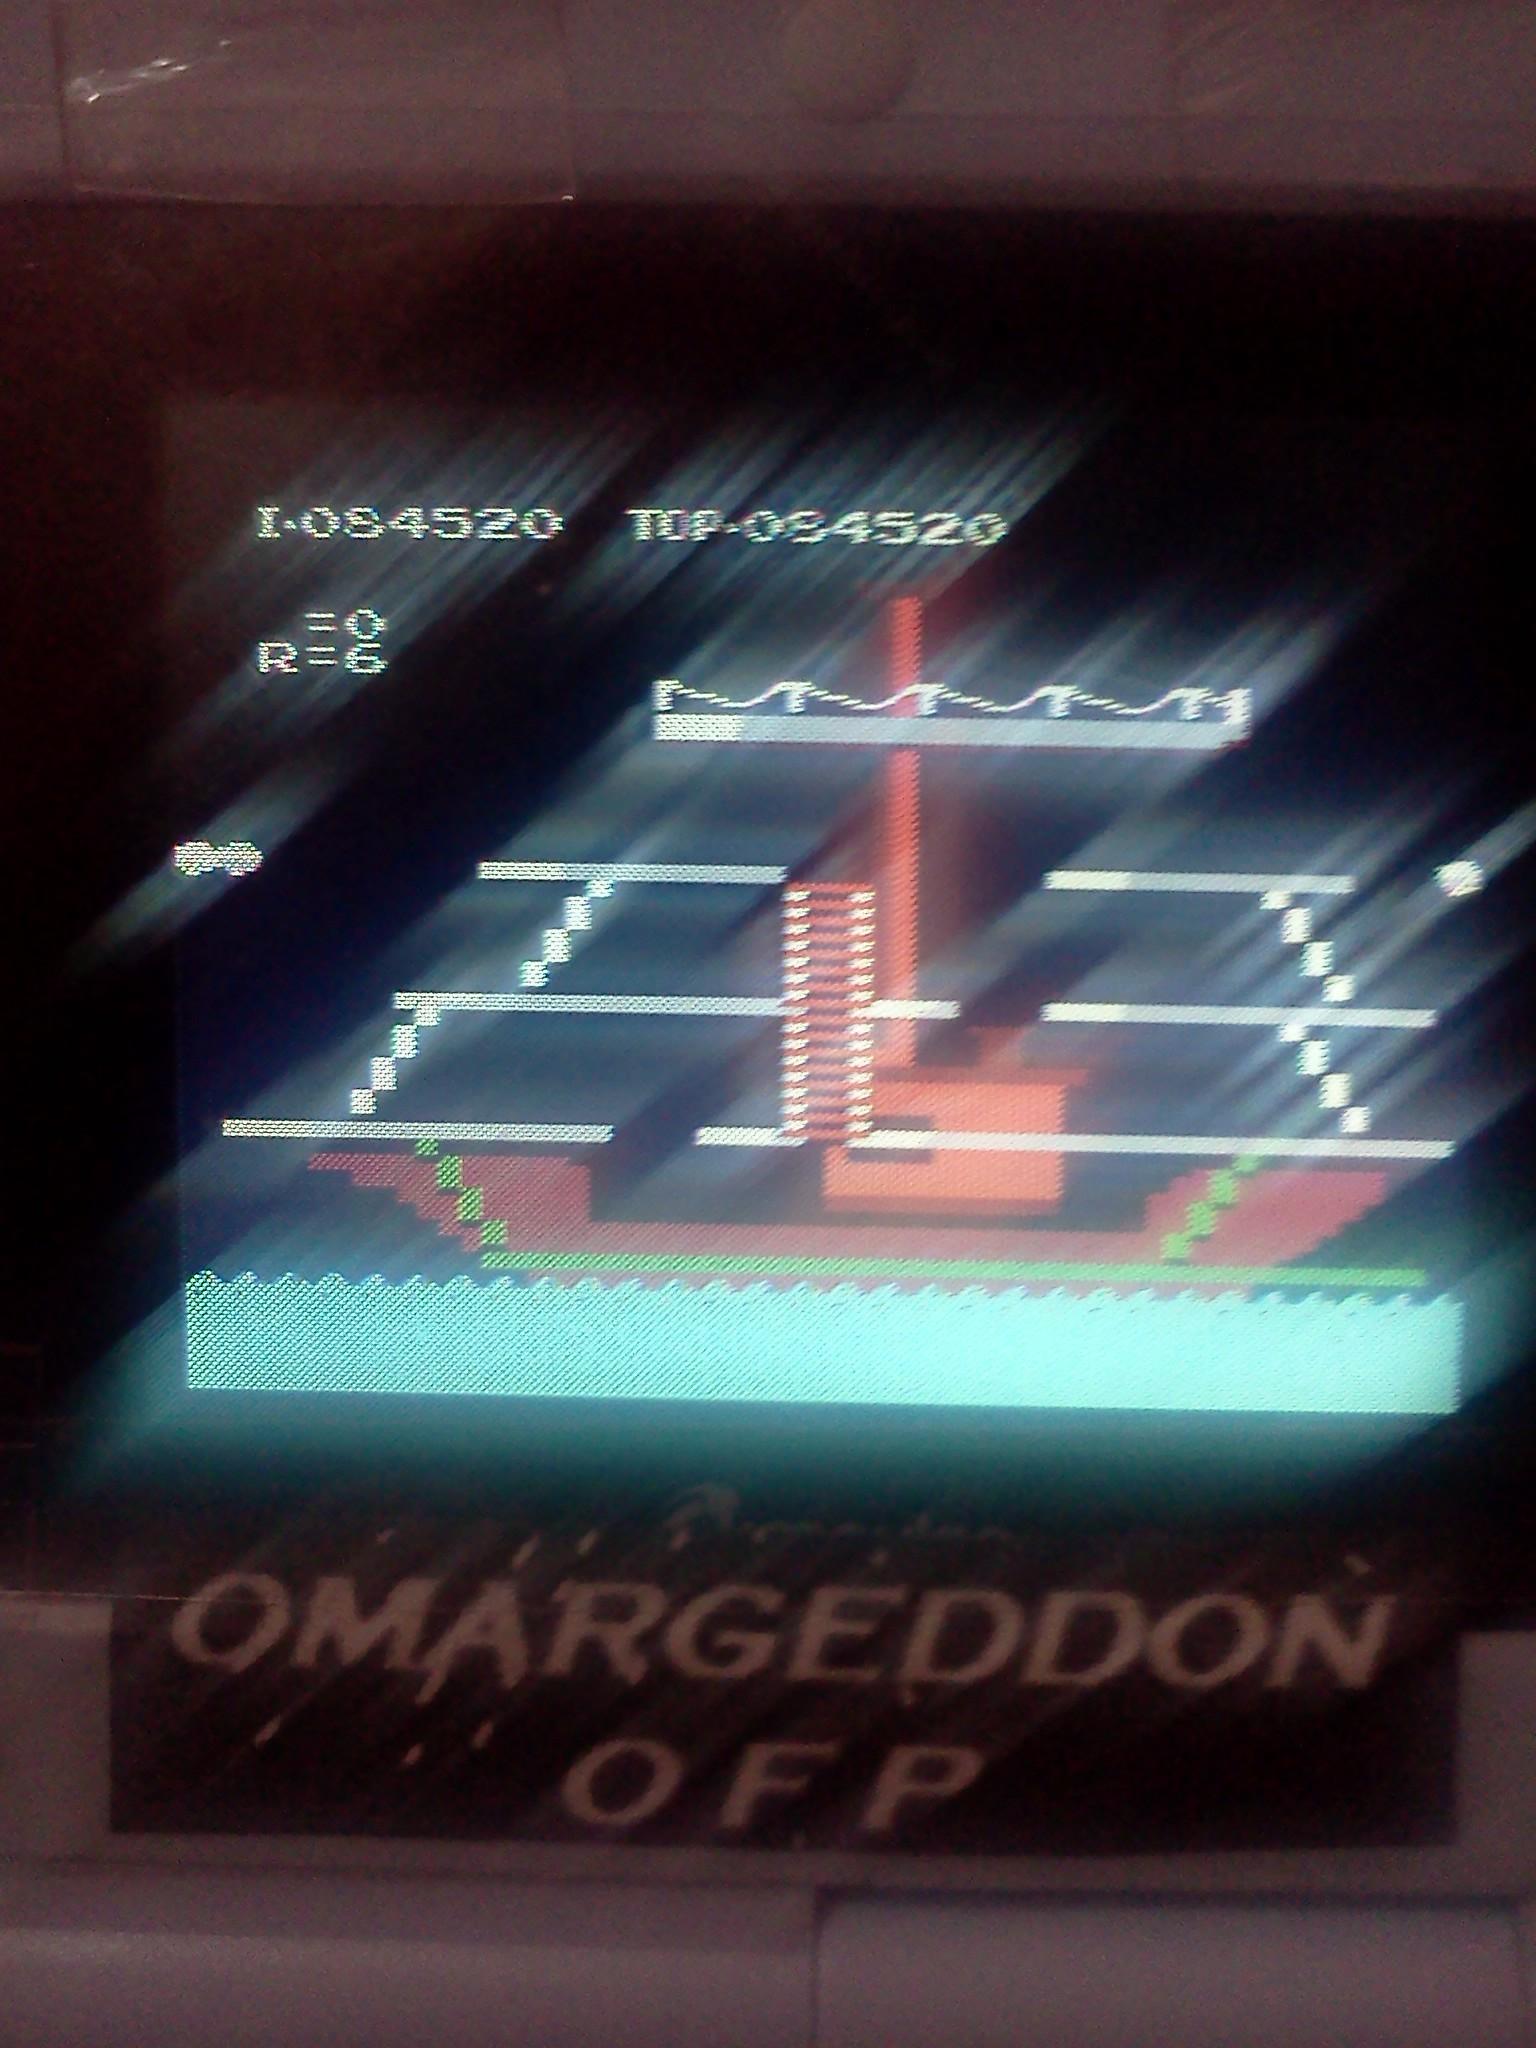 omargeddon: Popeye (NES/Famicom Emulated) 84,520 points on 2016-08-22 00:38:30